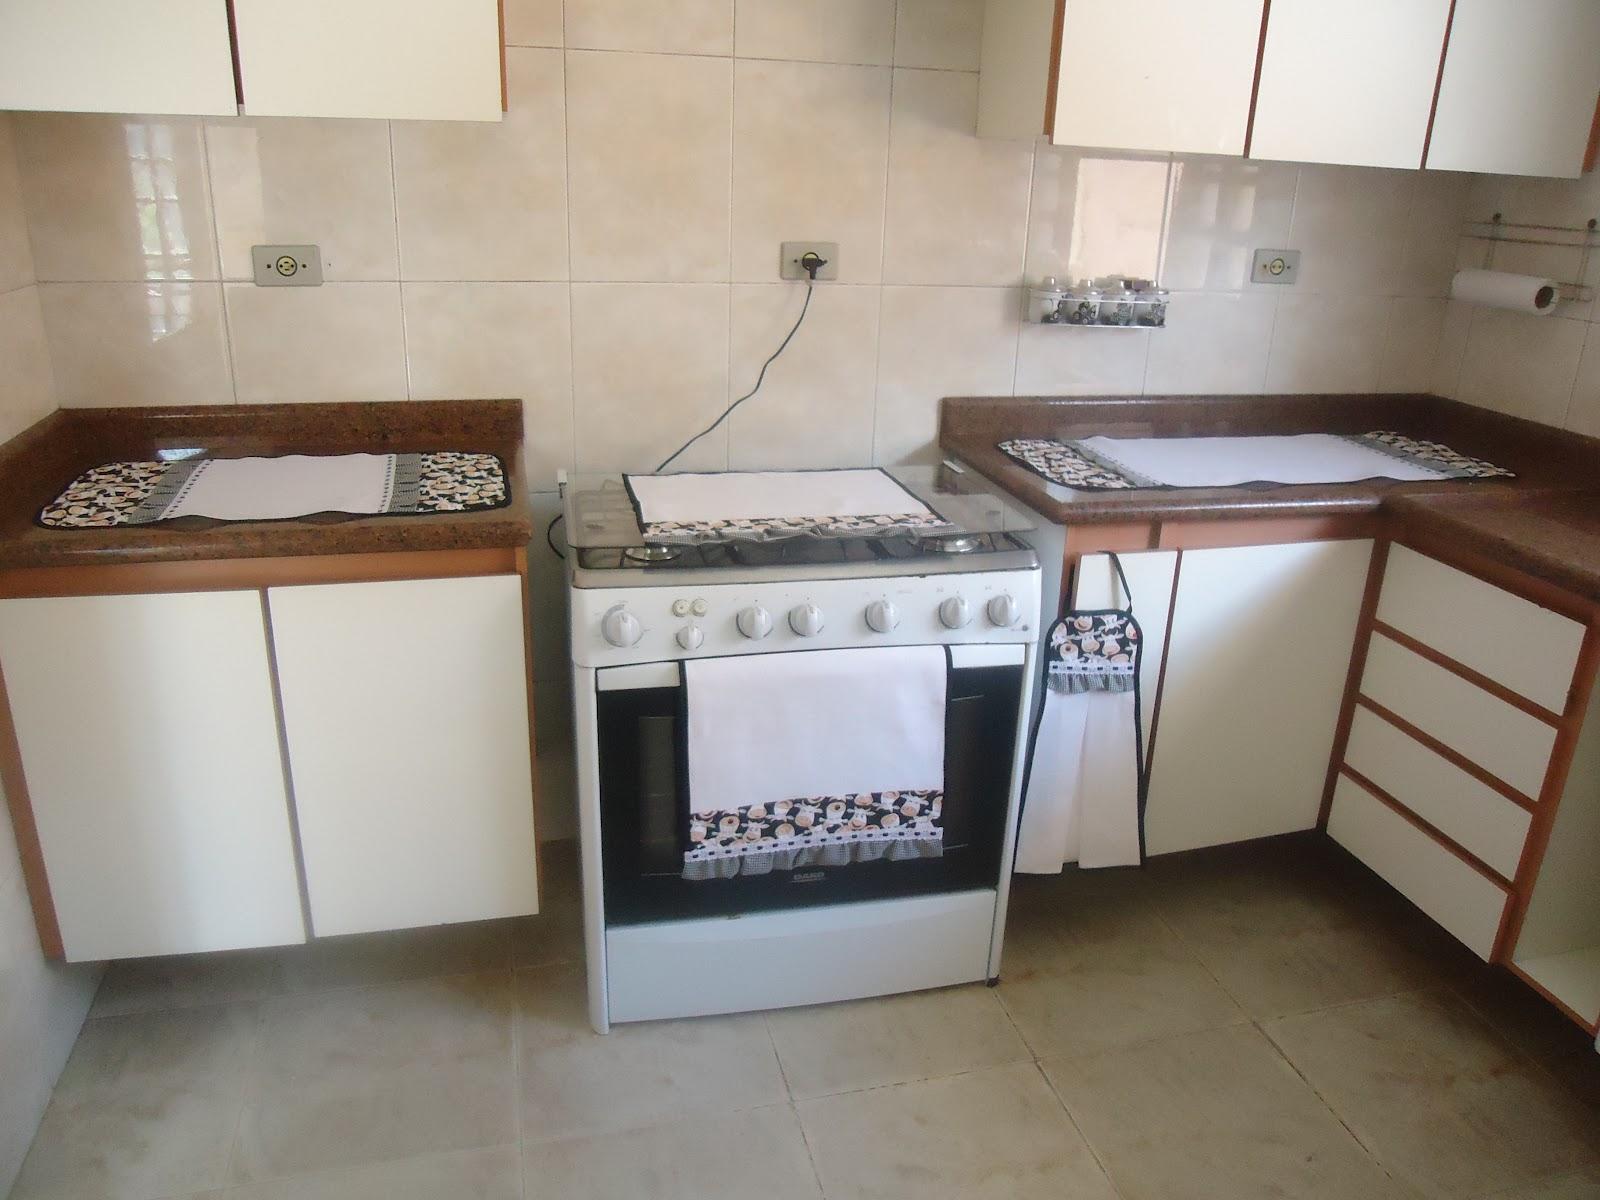 Conjunto Cozinha Completa Clique Aqui Para Ampliar Esta Imagem